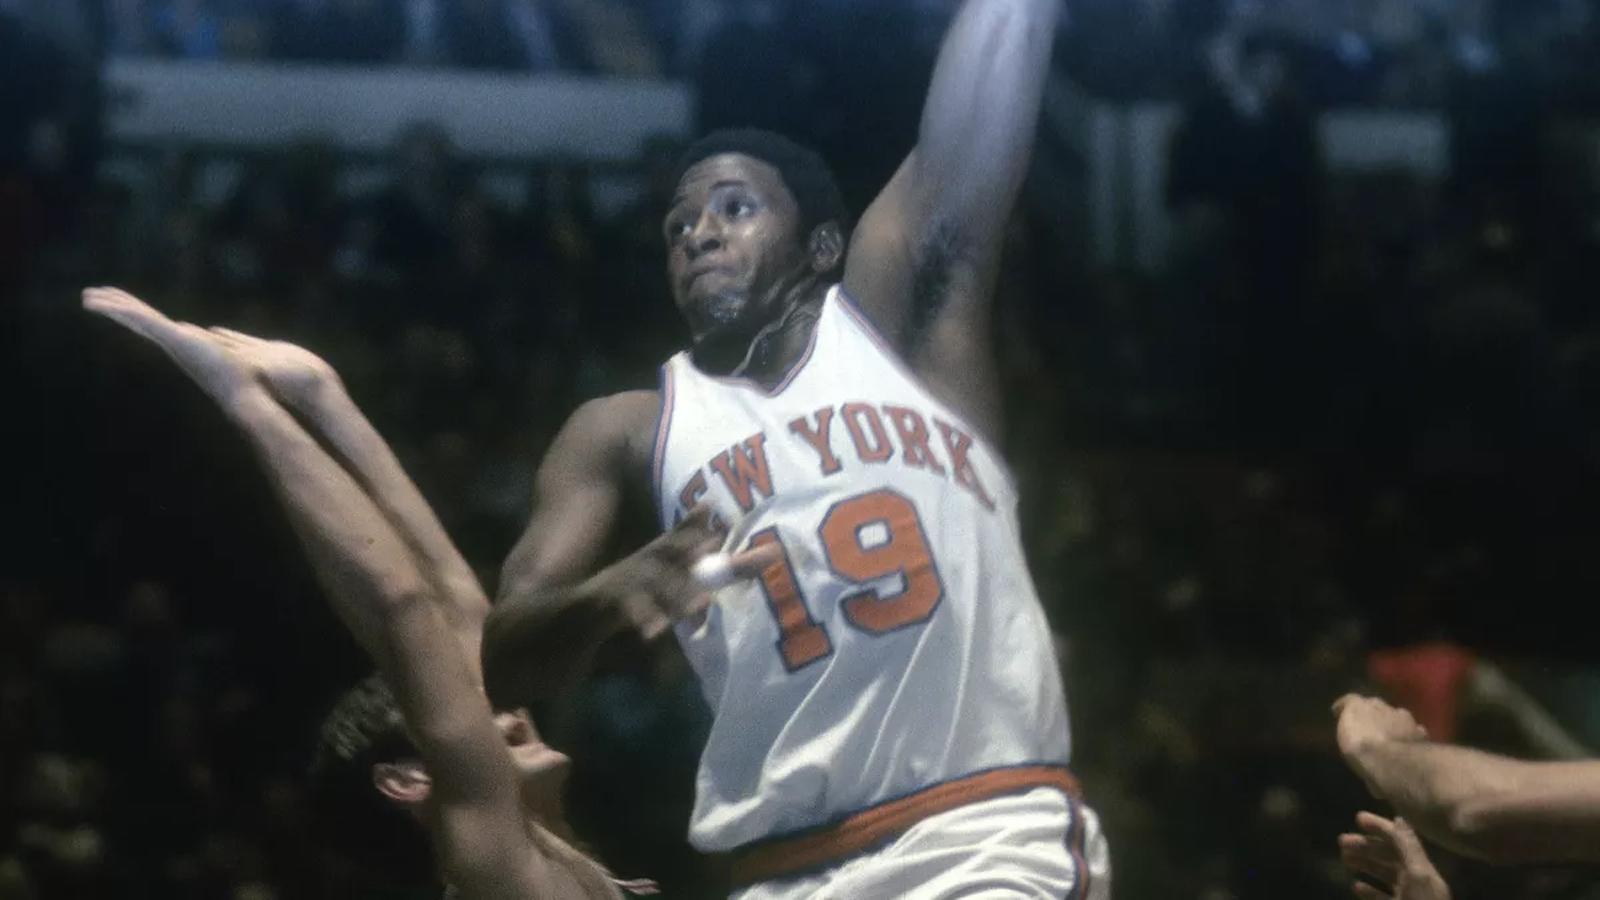 53年前的今天,里德狂砍53分18篮板带领尼克斯击败湖人